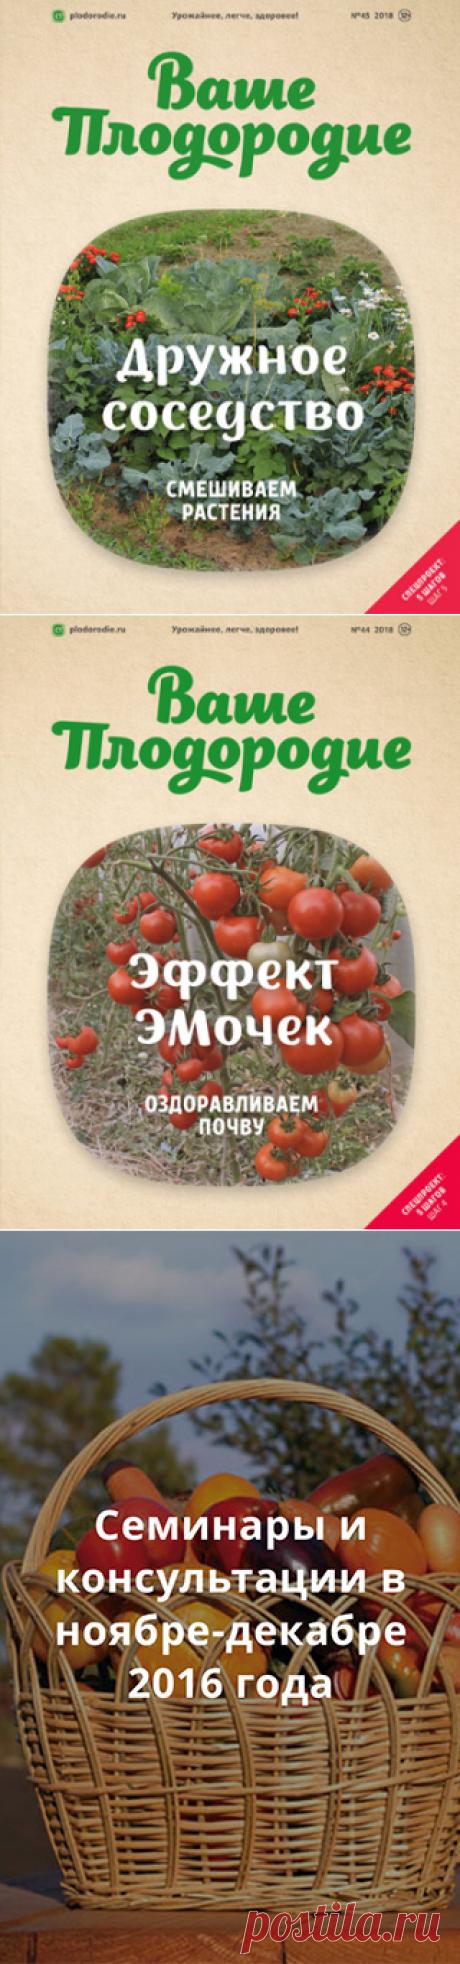 Борис Бублик об огородных грядках Овсинского